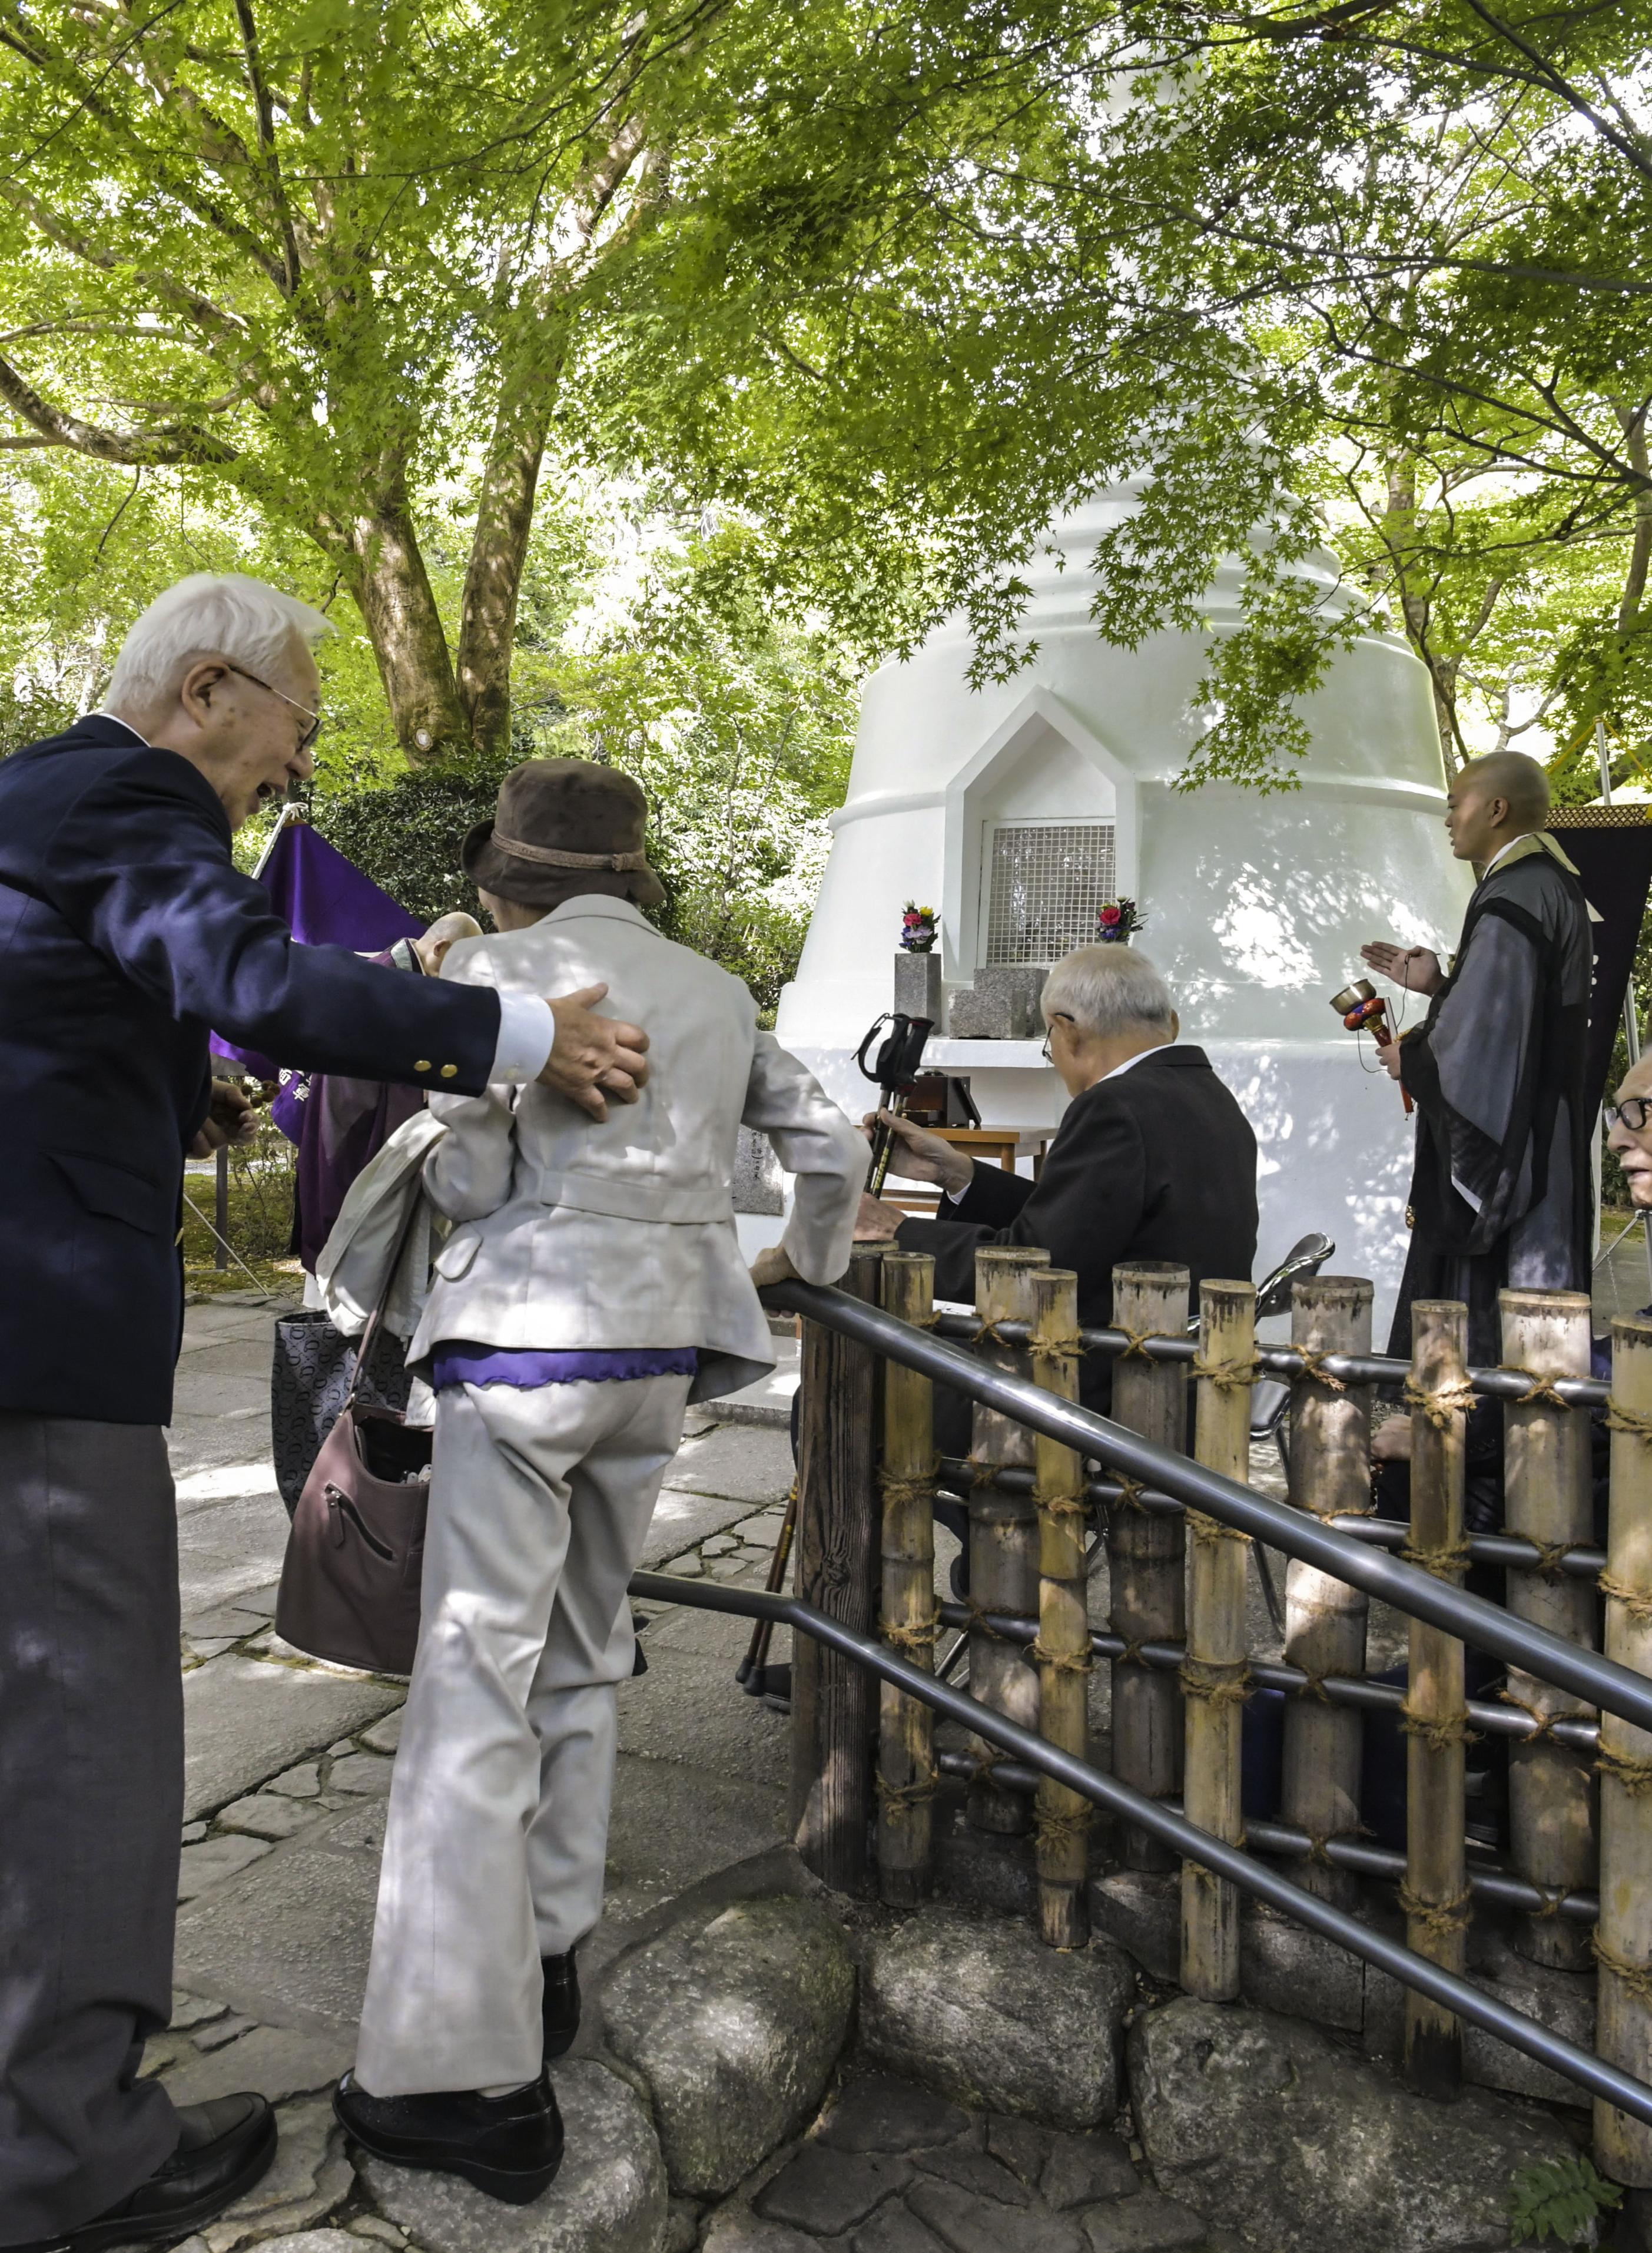 京都・竜安寺のパゴダの前で「屋宇茶会」恒例の法要が営まれた